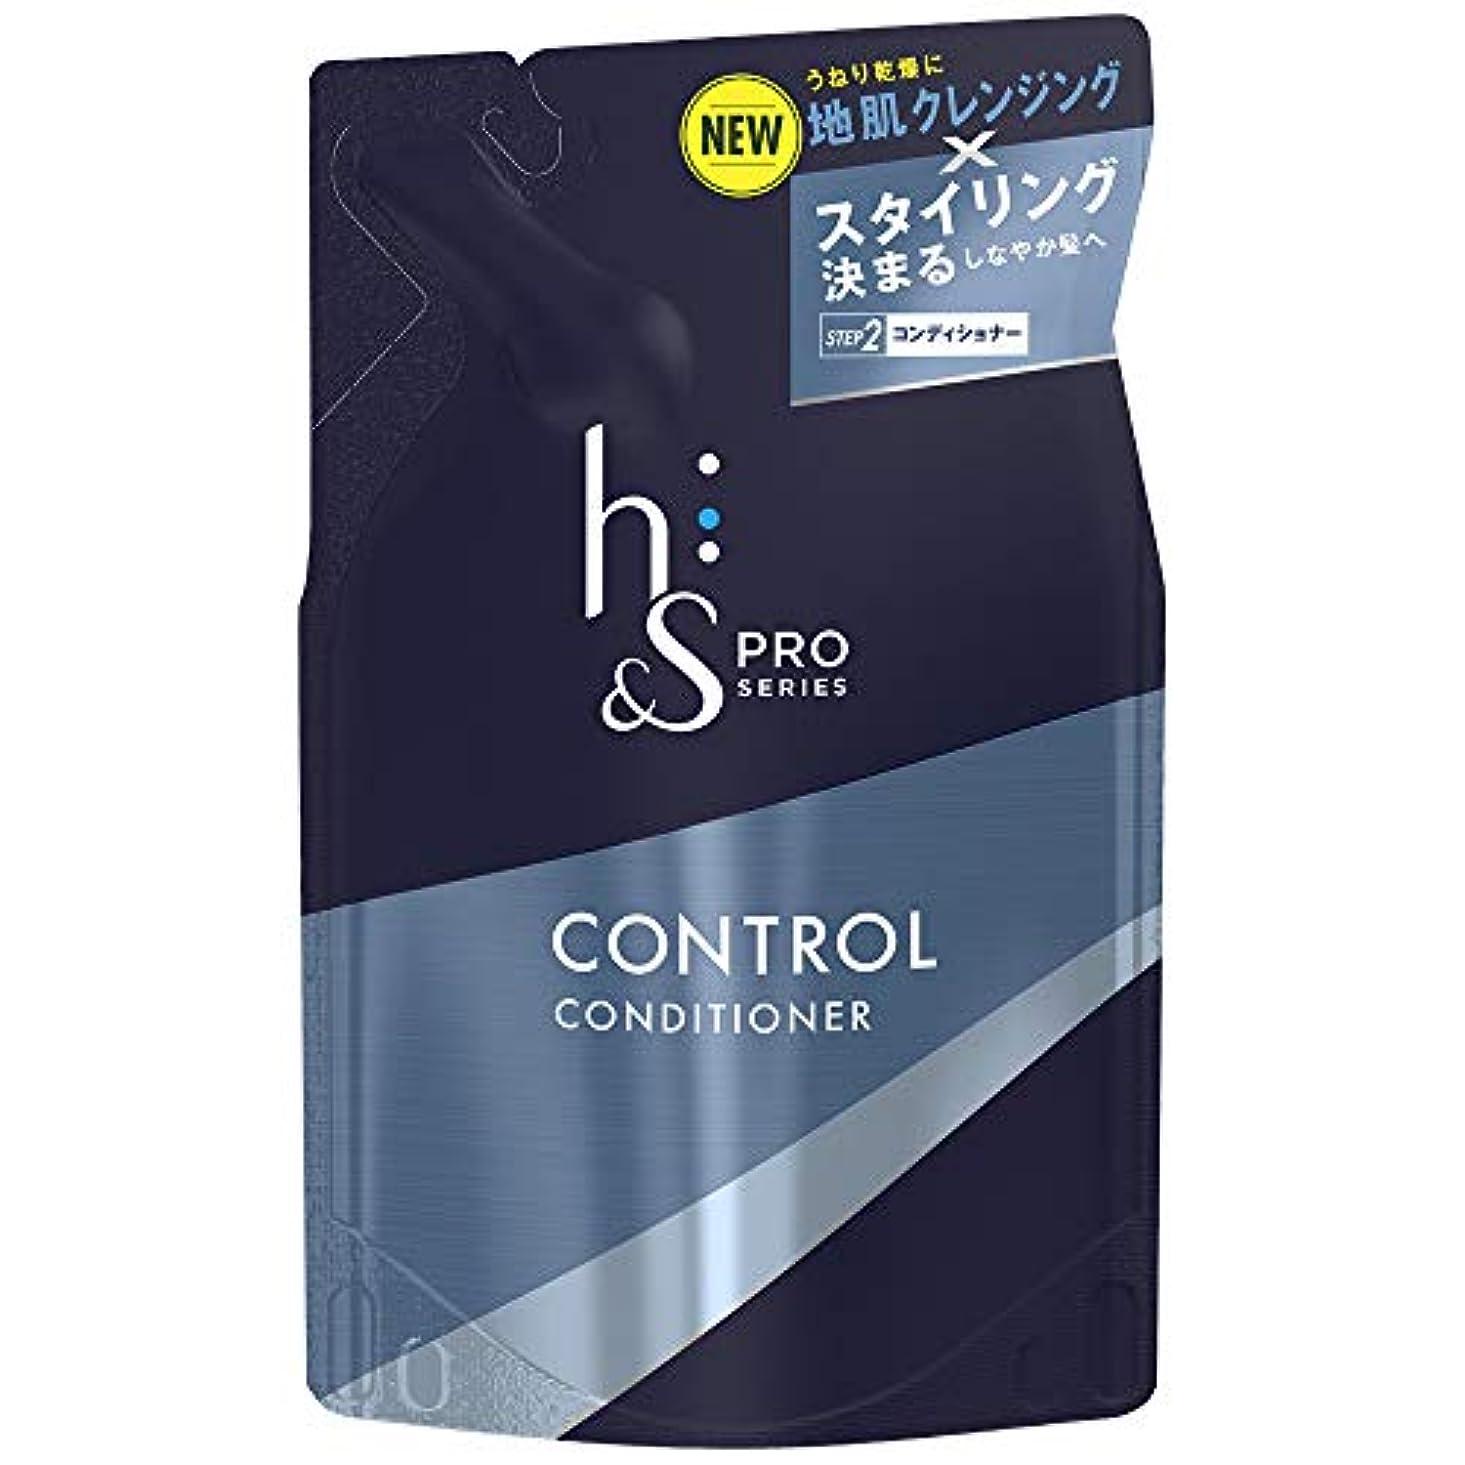 染料の間にやむを得ないh&s PRO (エイチアンドエス プロ) メンズ コンディショナー コントロール 詰め替え (スタイリング重視) 300g